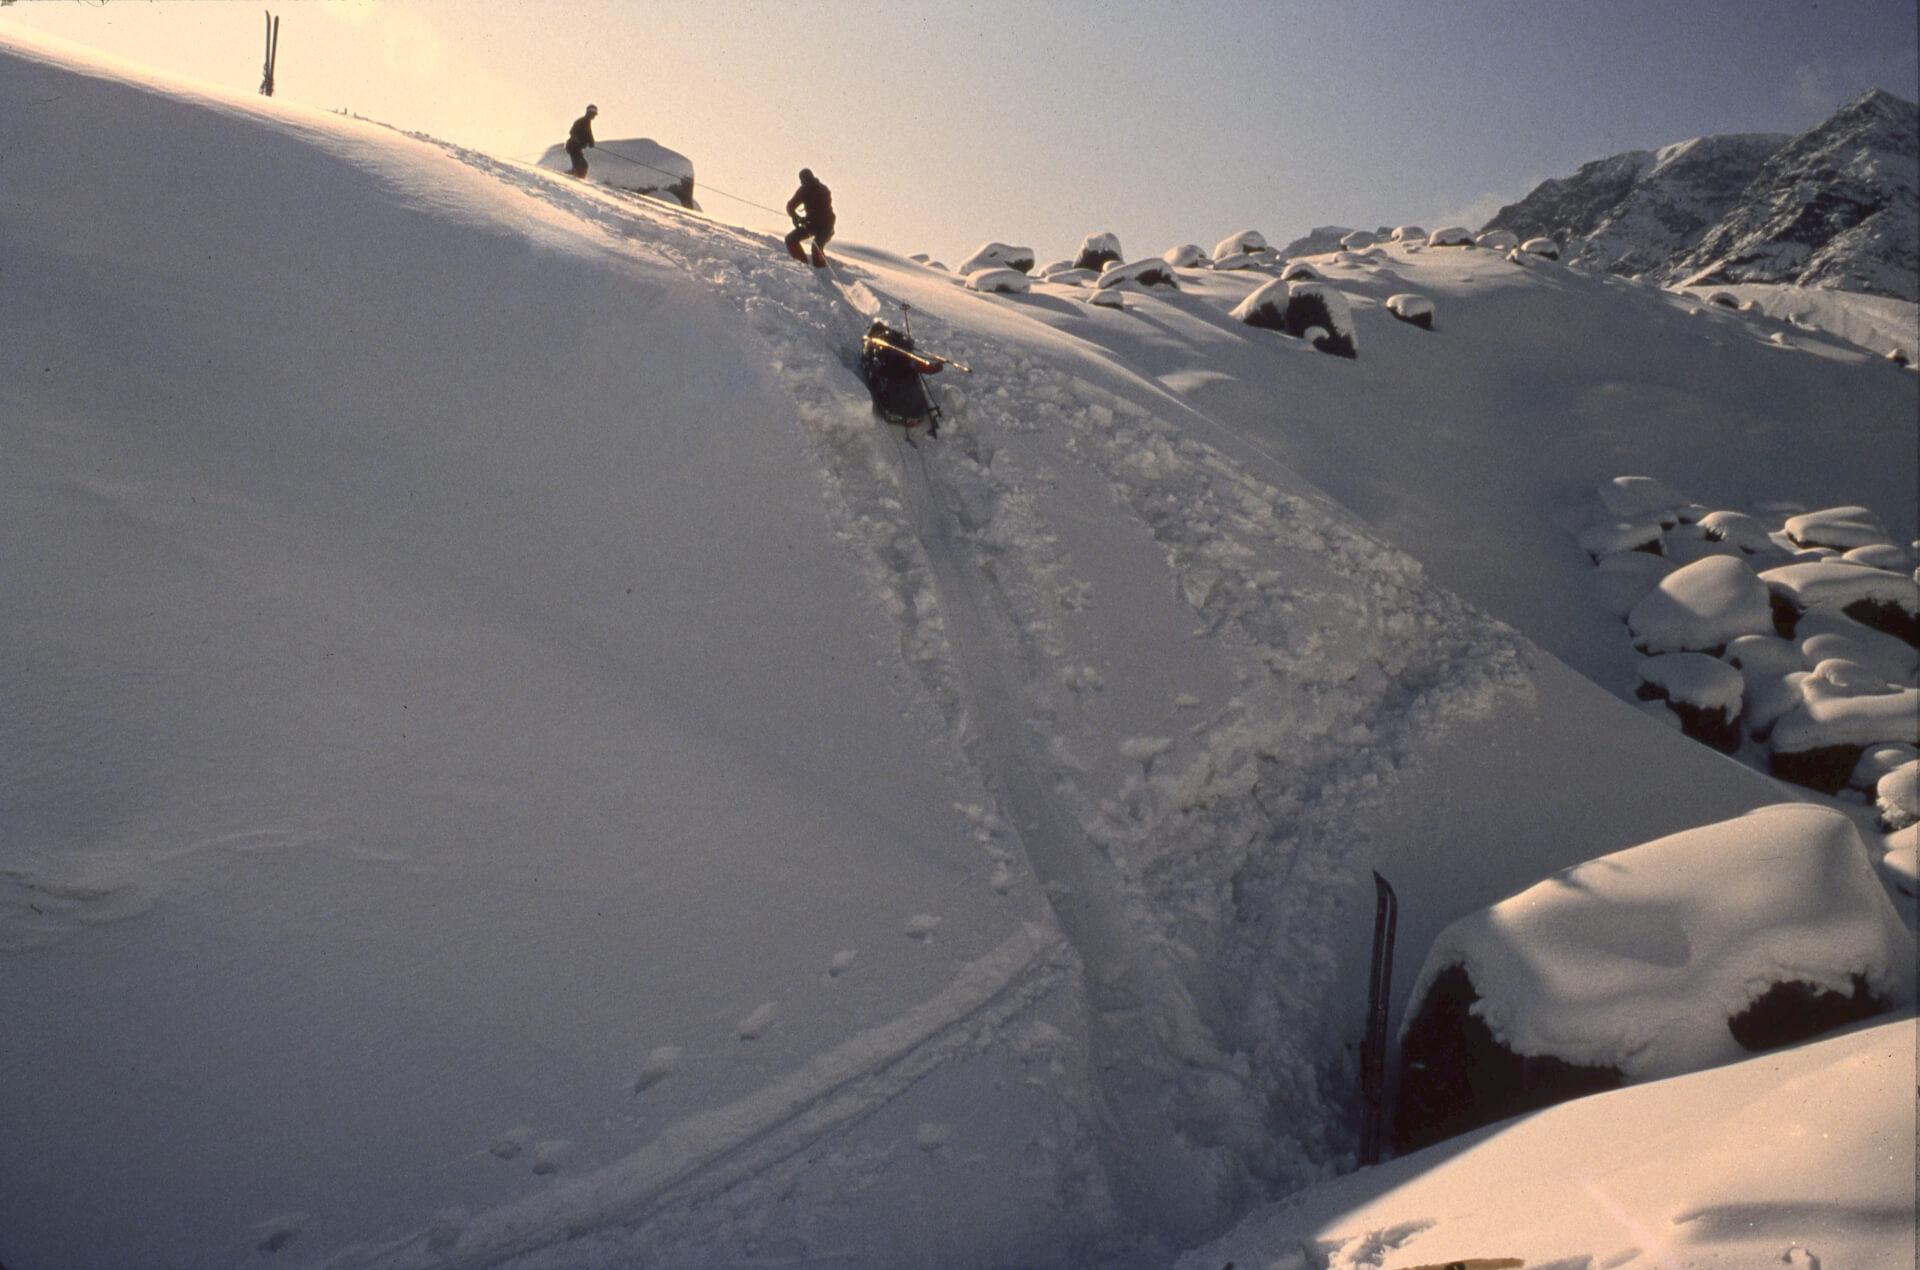 Franchissement du front du glacier du Couronnement avec les pulkas